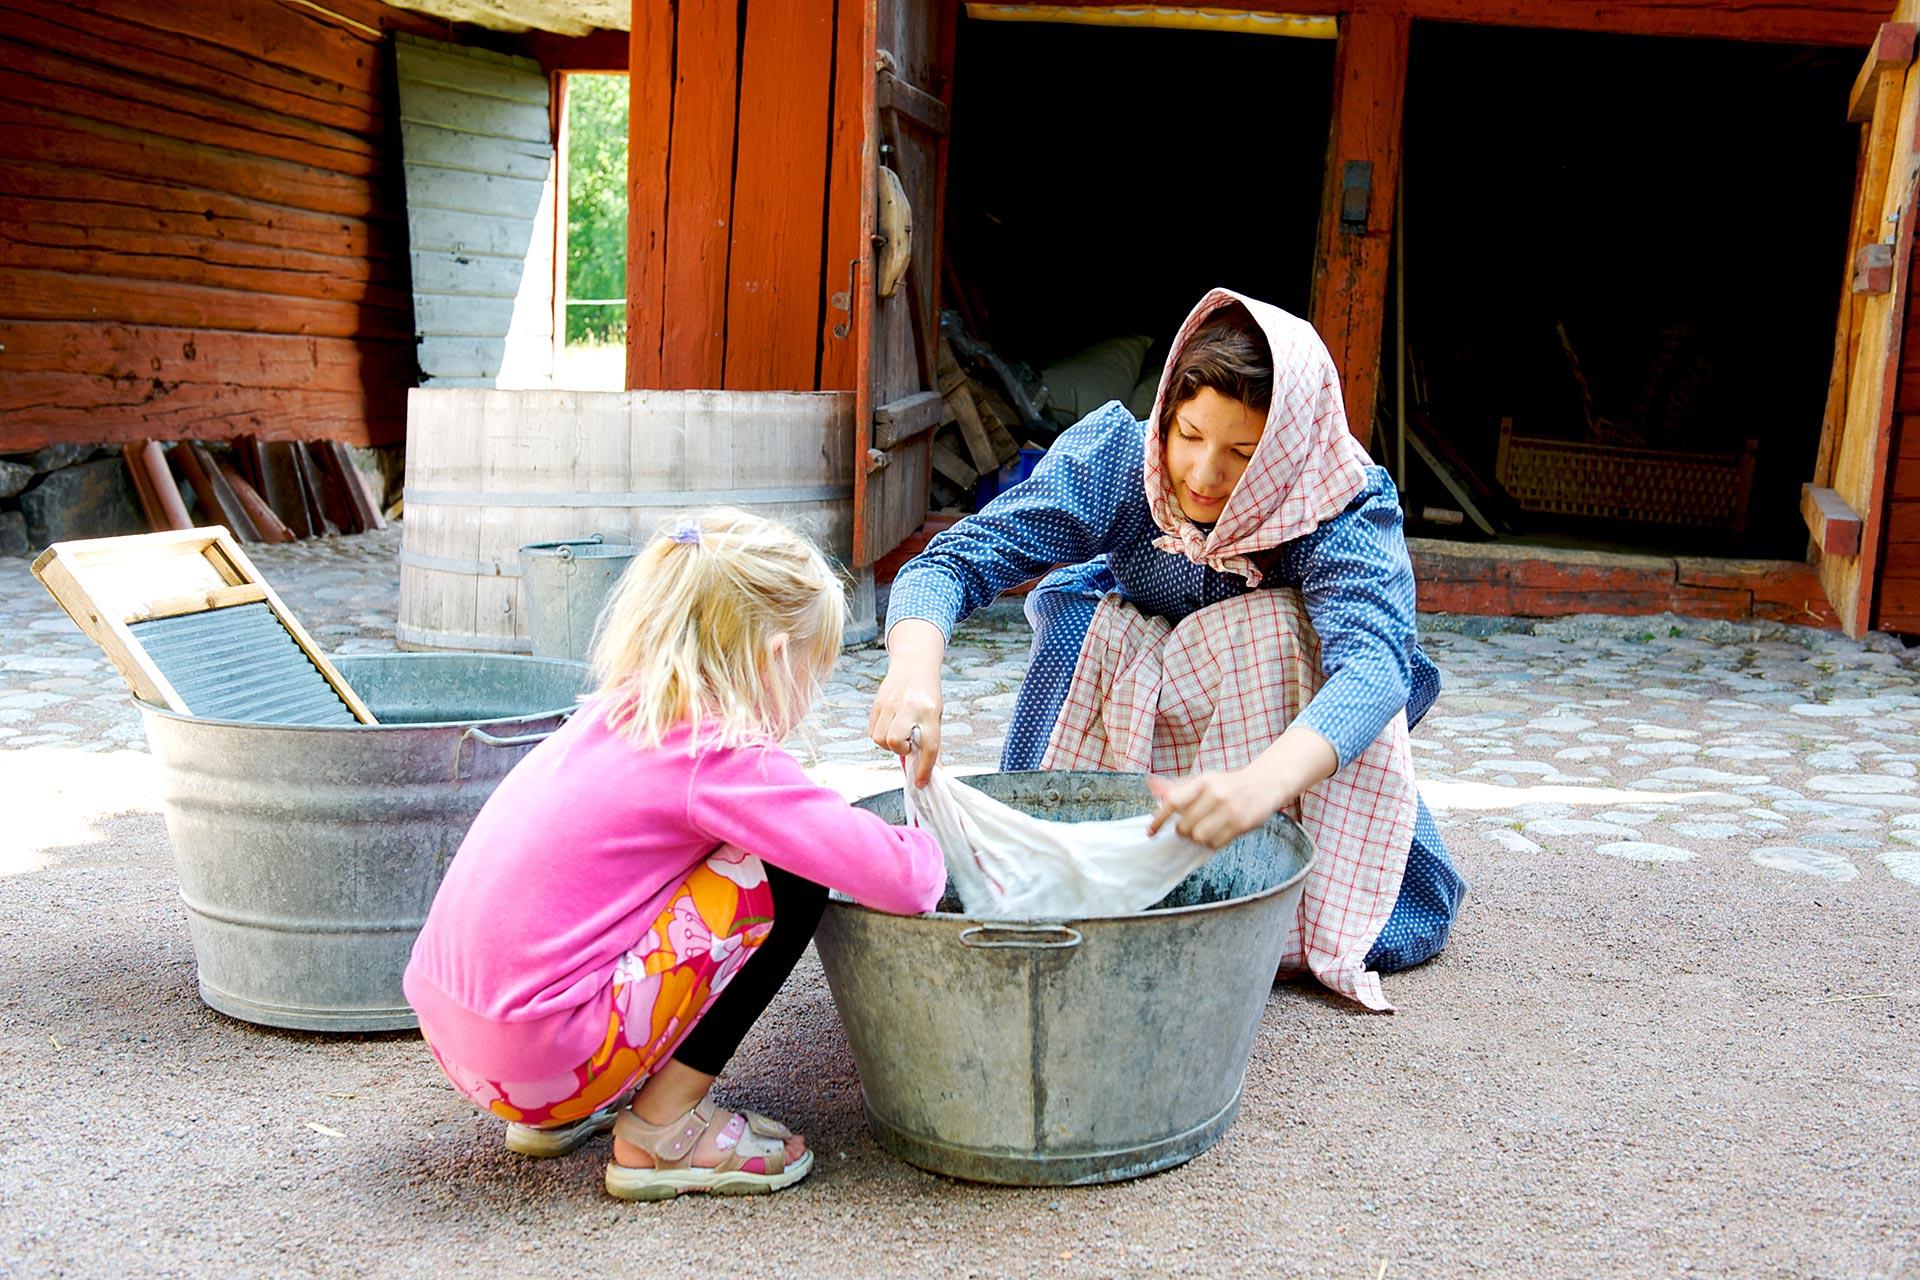 En kvinna från Vallby Fridluftsmuseum i Västerås utklädd till piga tvättar tvätt i tvättbalja med ett barn som är på besök. Fotograf: Leon Grimaldi